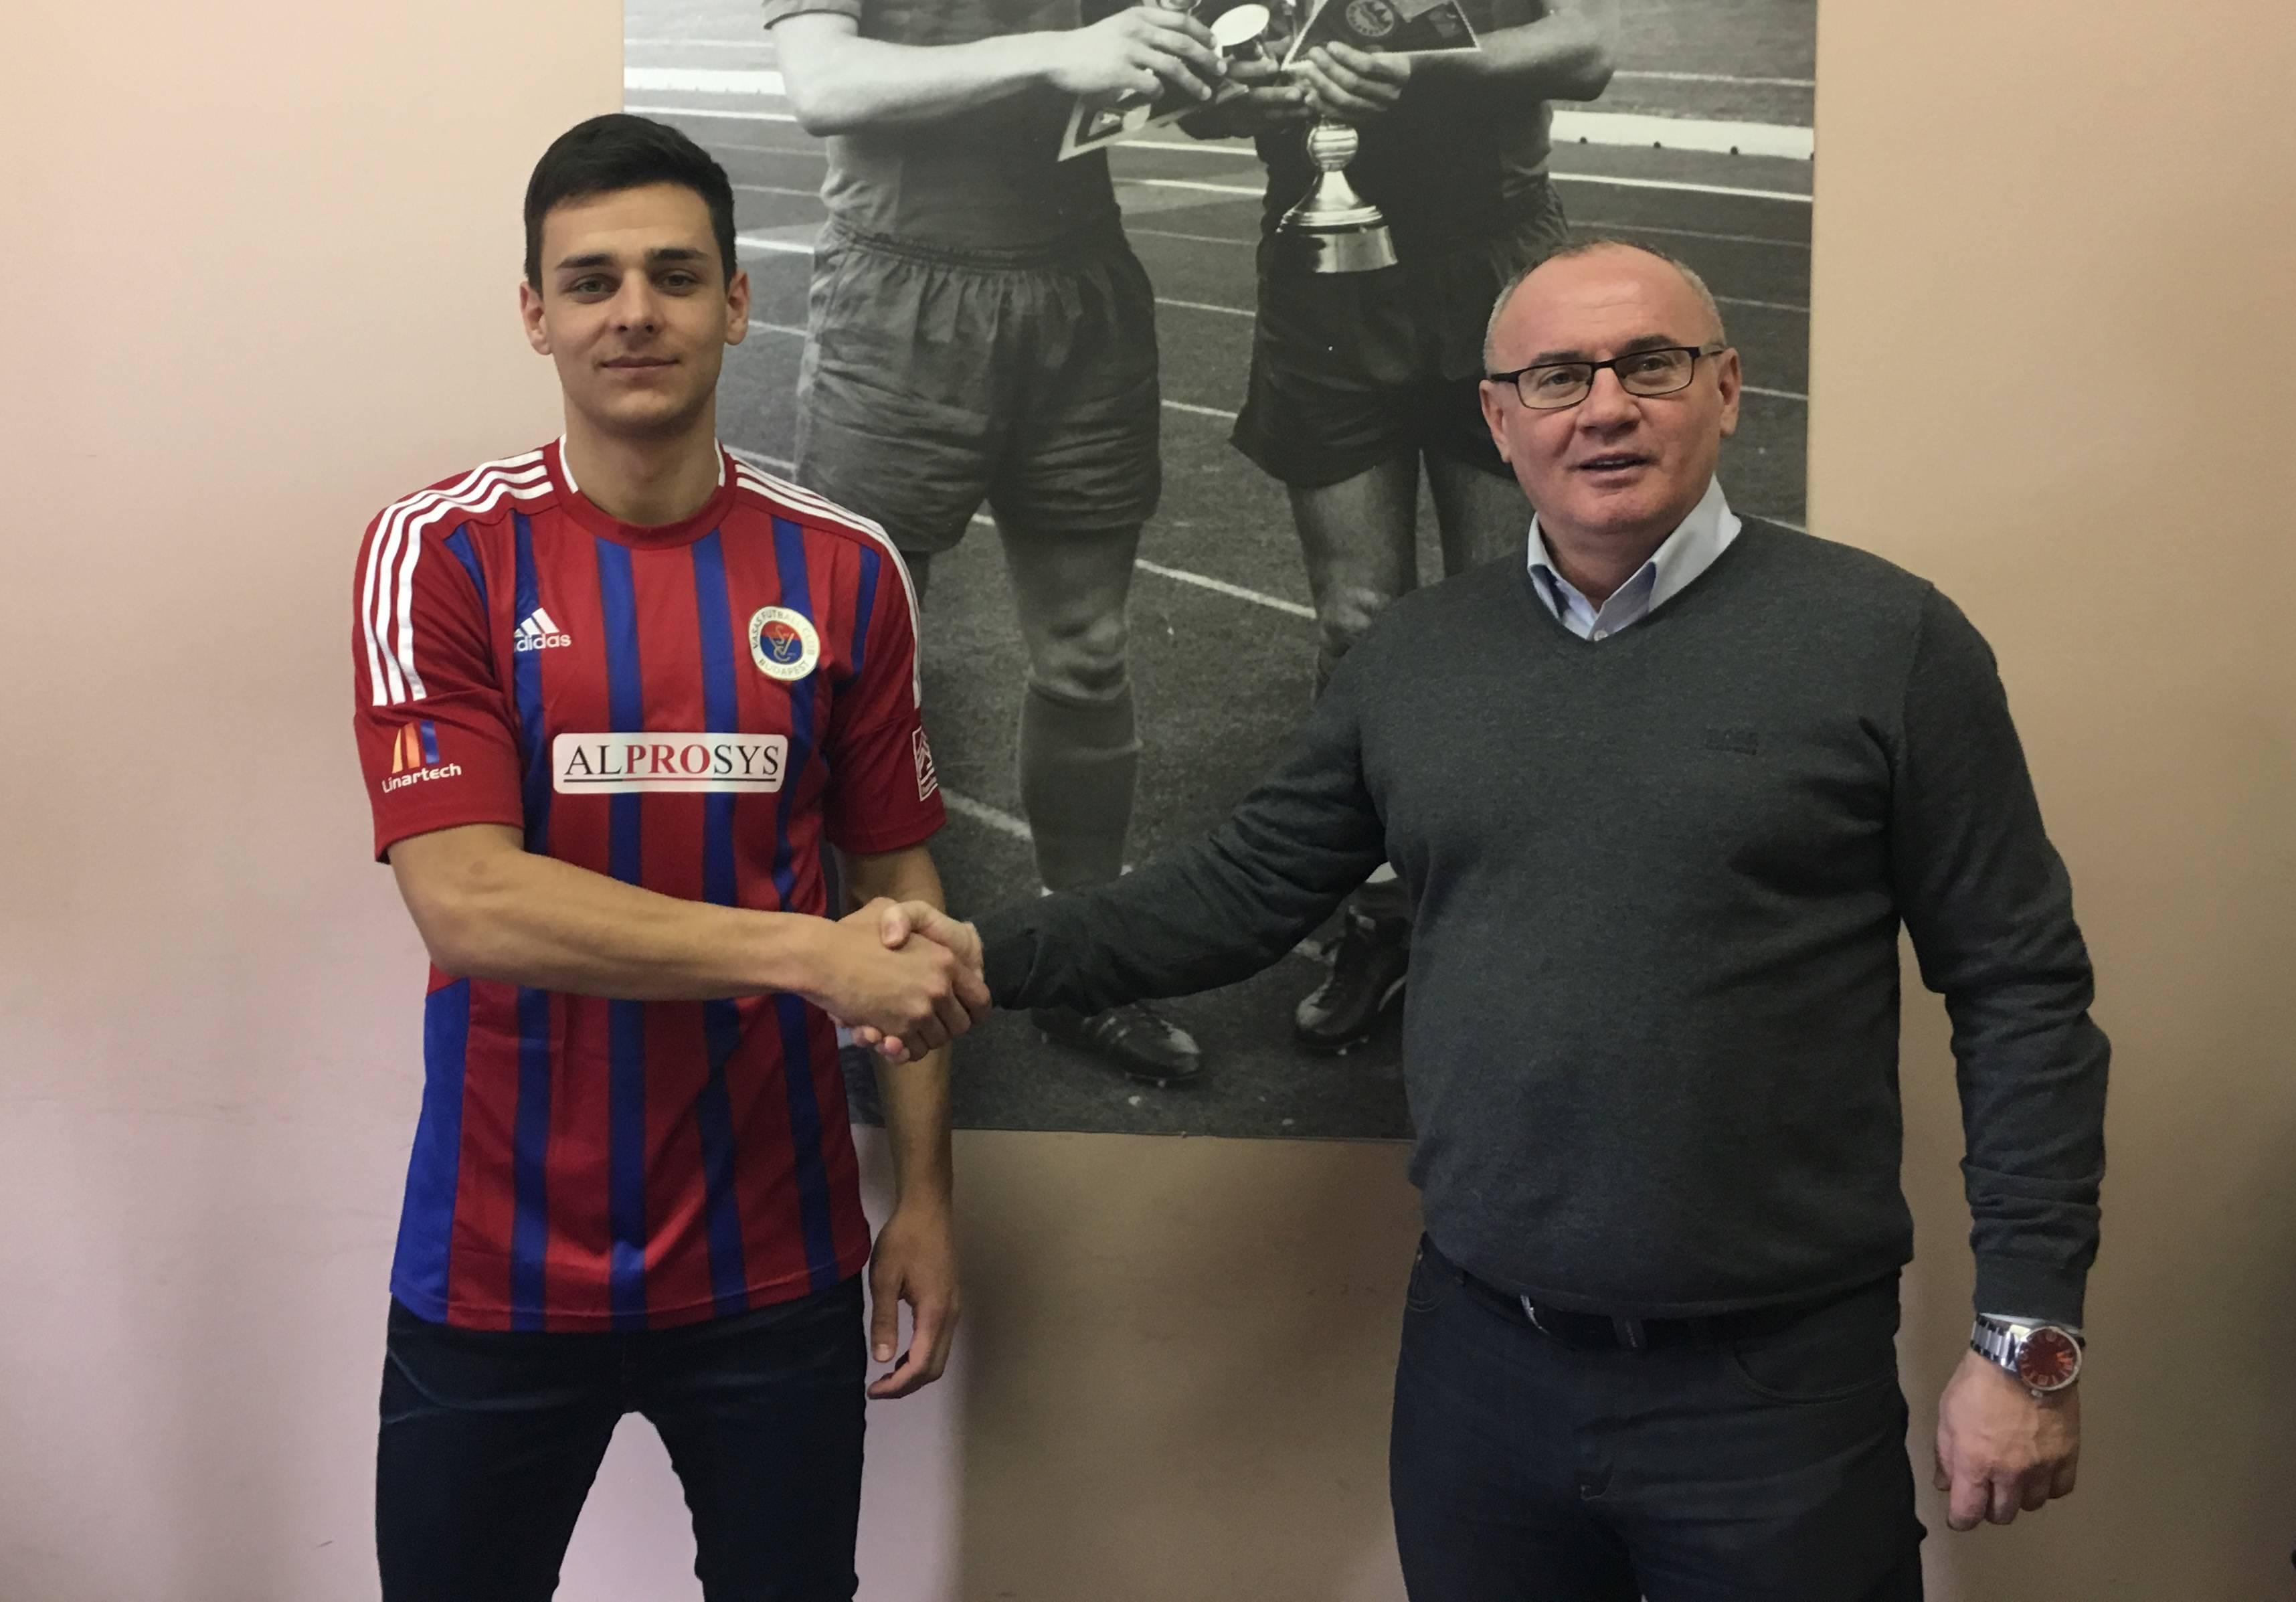 Gaál Bálint a Vasas játékosa lett!